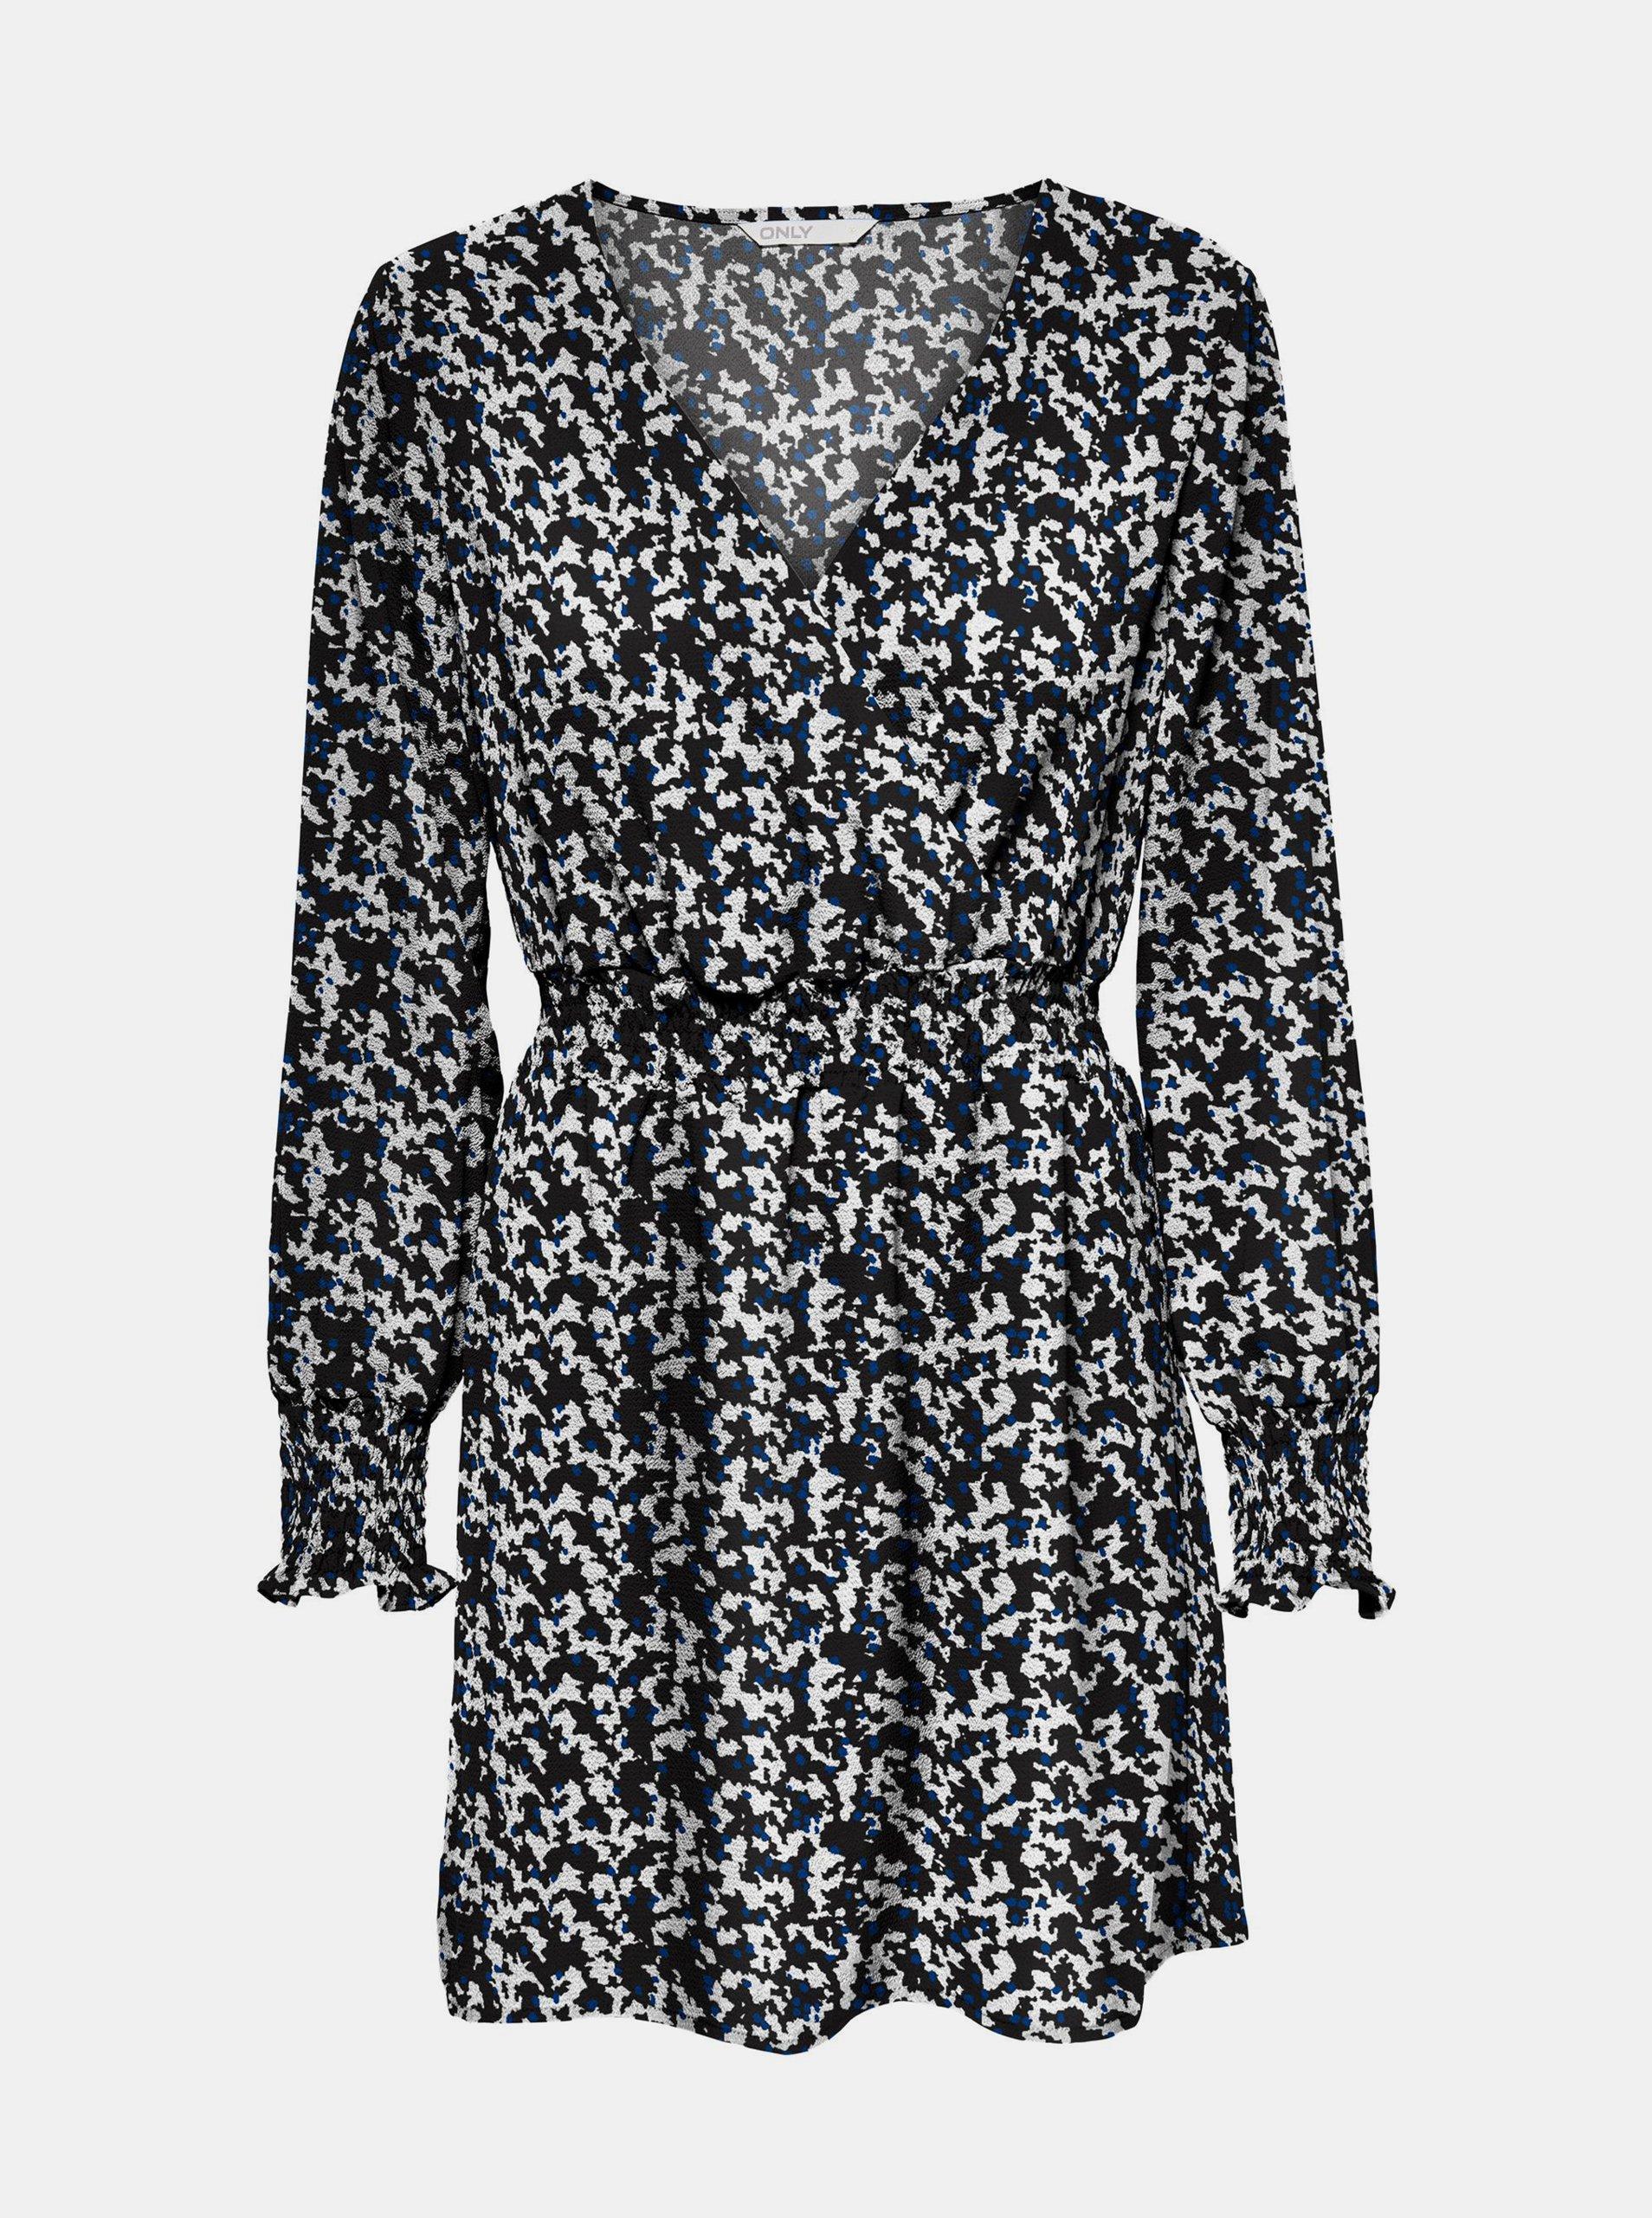 E-shop Modro-černé vzorované šaty ONLY-Nova